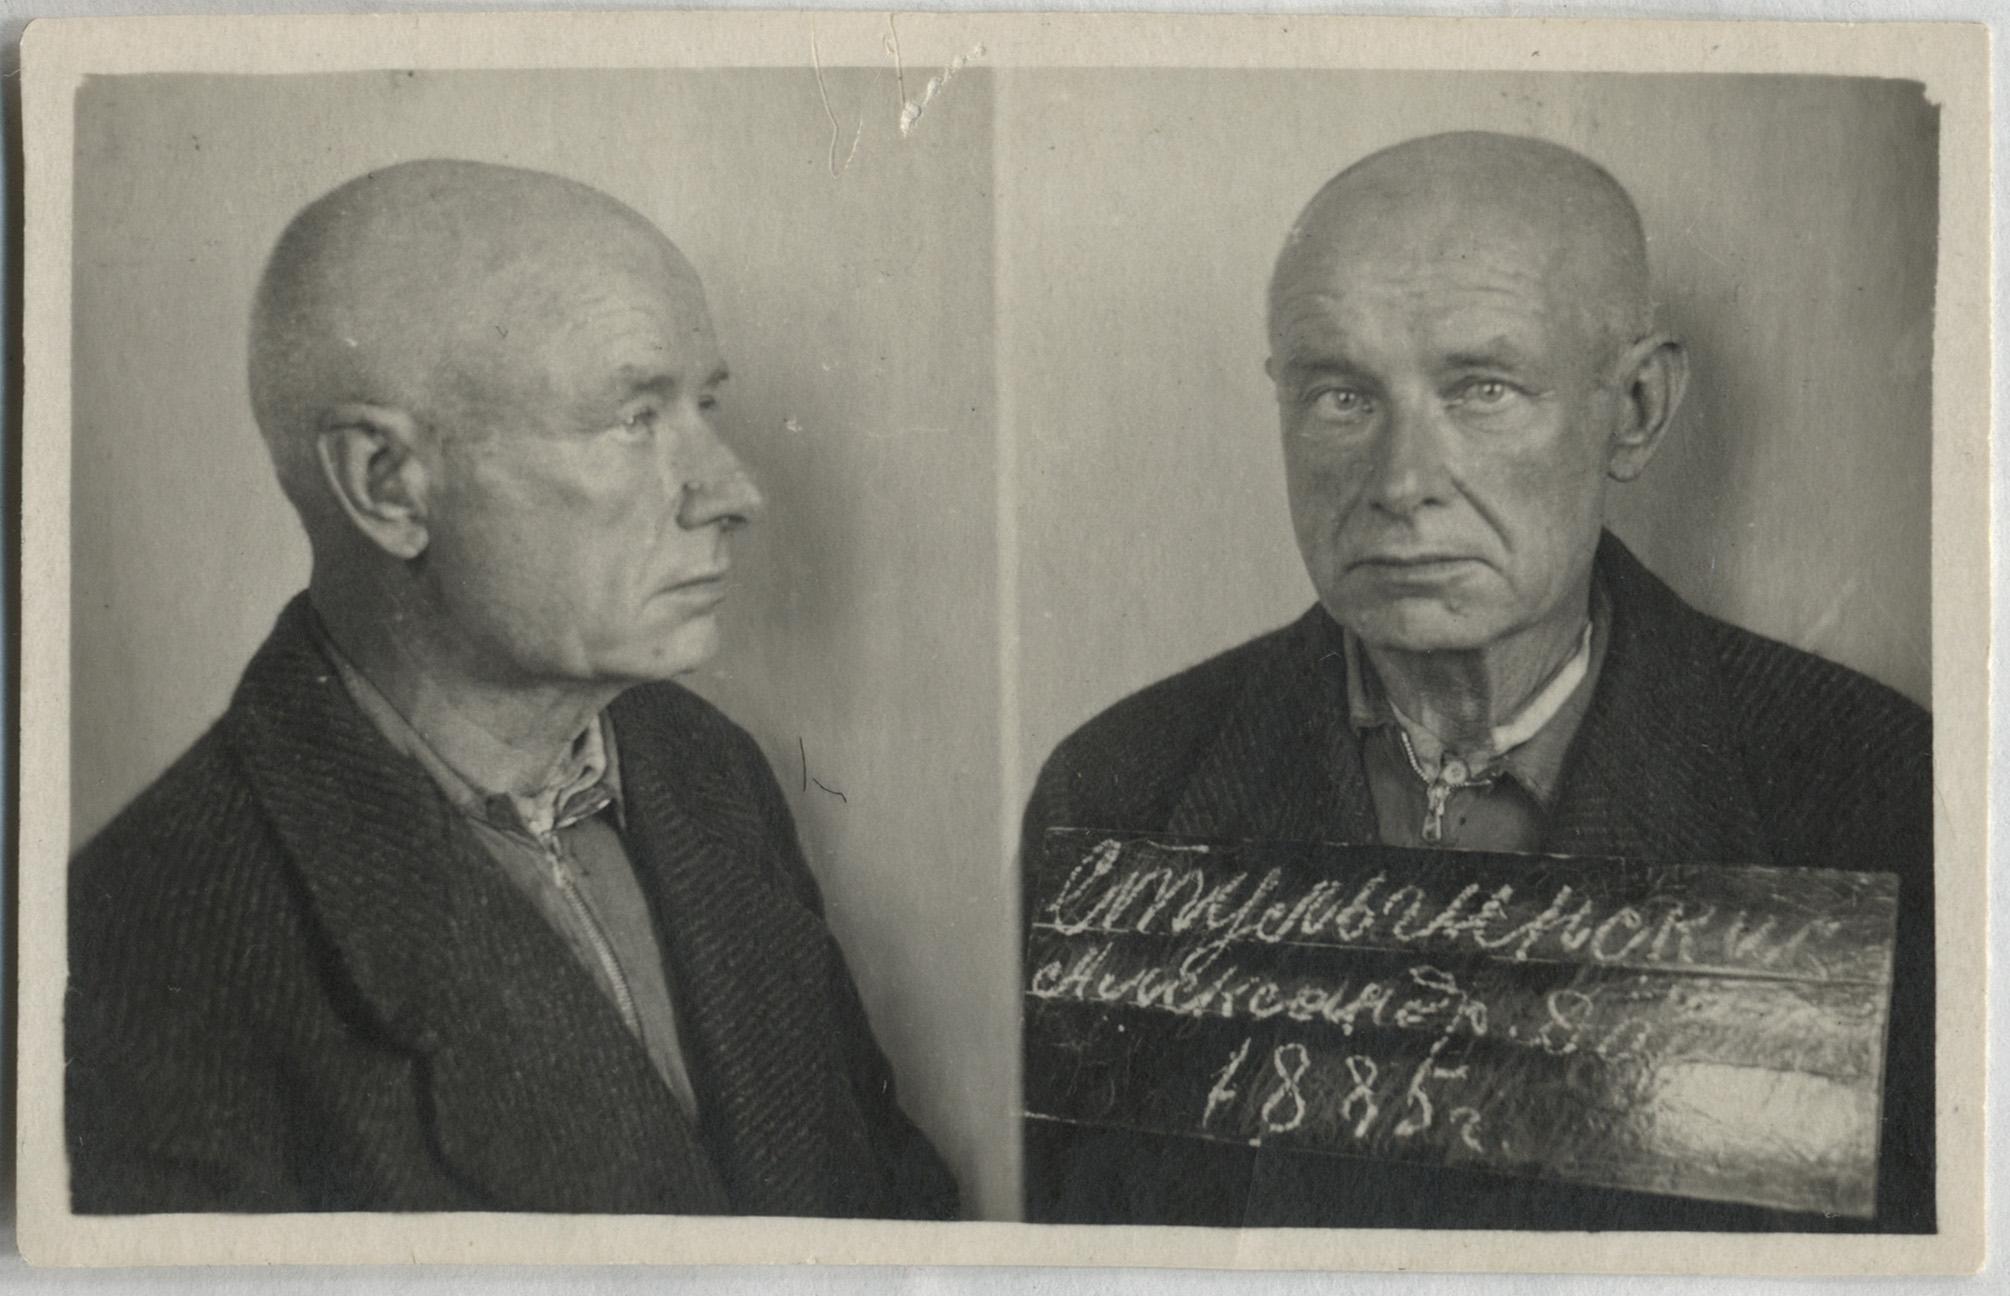 Aleksandras Stulginskis Kansko kalėjime Krasnojarsko krašte | Lietuvos ypatingojo archyvo nuotr.